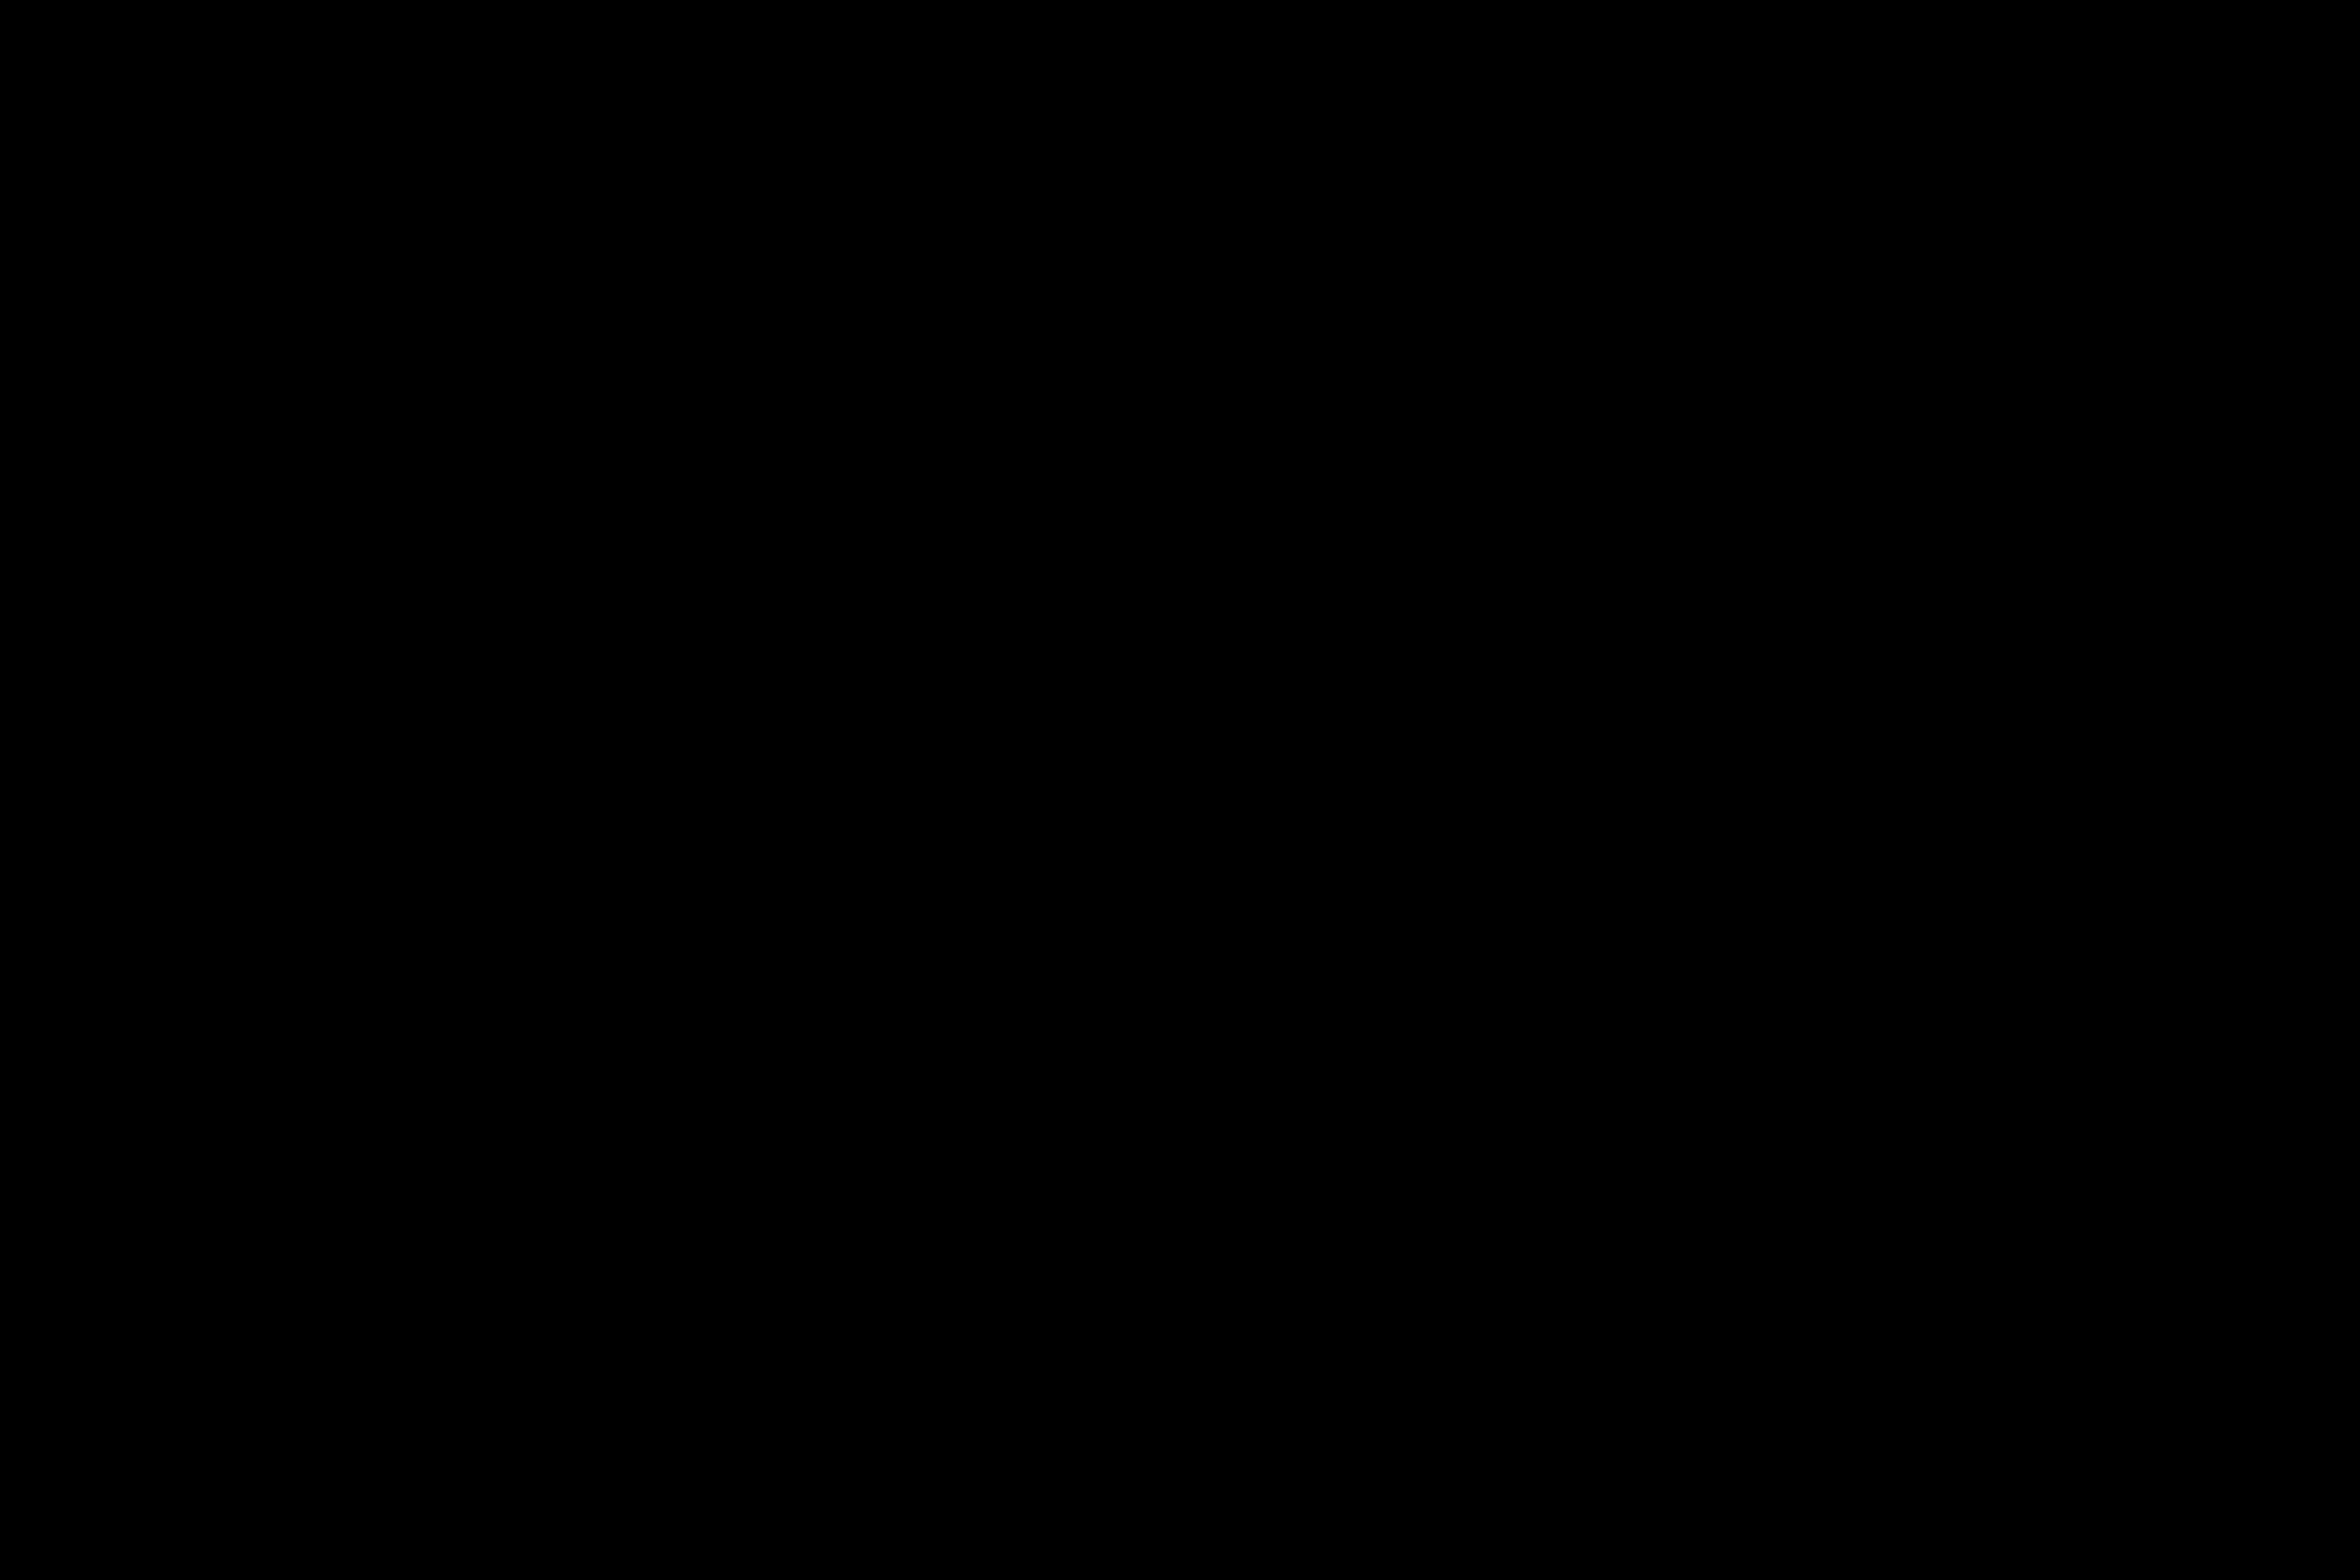 Alles für die TSG – Artikel aus dem WESER-KURIER vom 11. Januar 2021